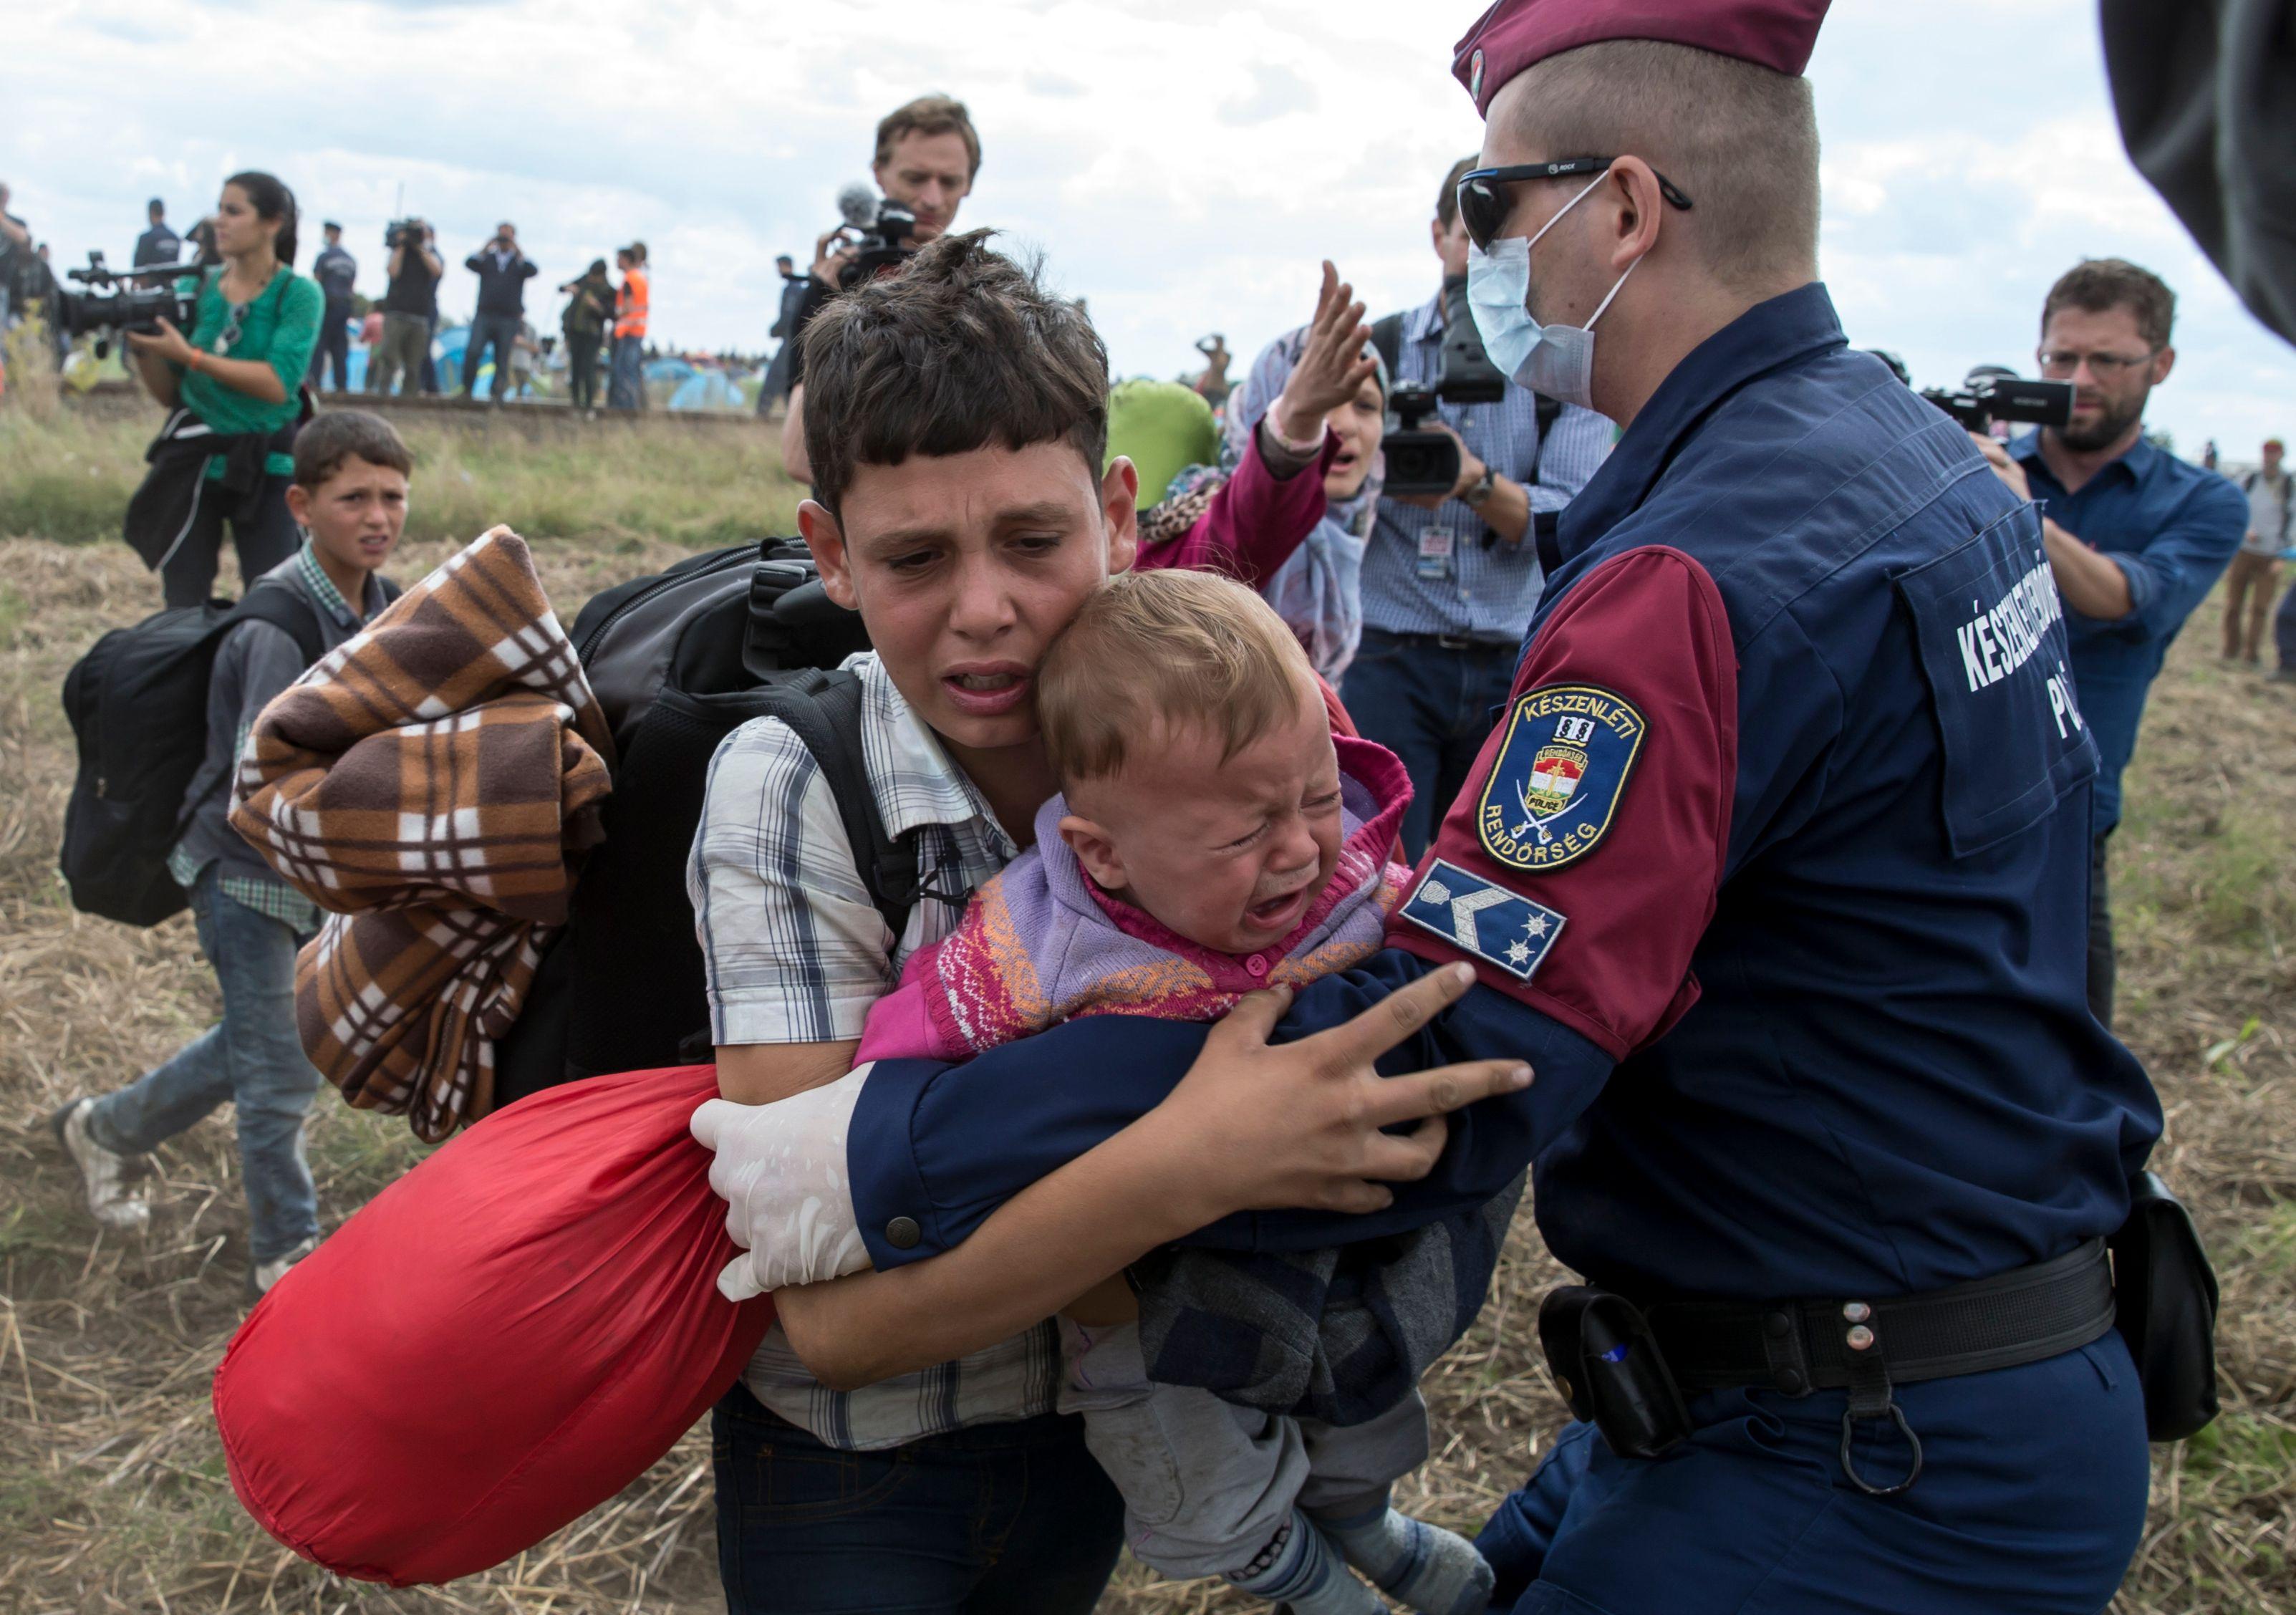 Le maire d'une commune d'Isère accepte d'accueillir des réfugiés, lui aussi, seulement s'ils sont chrétiens